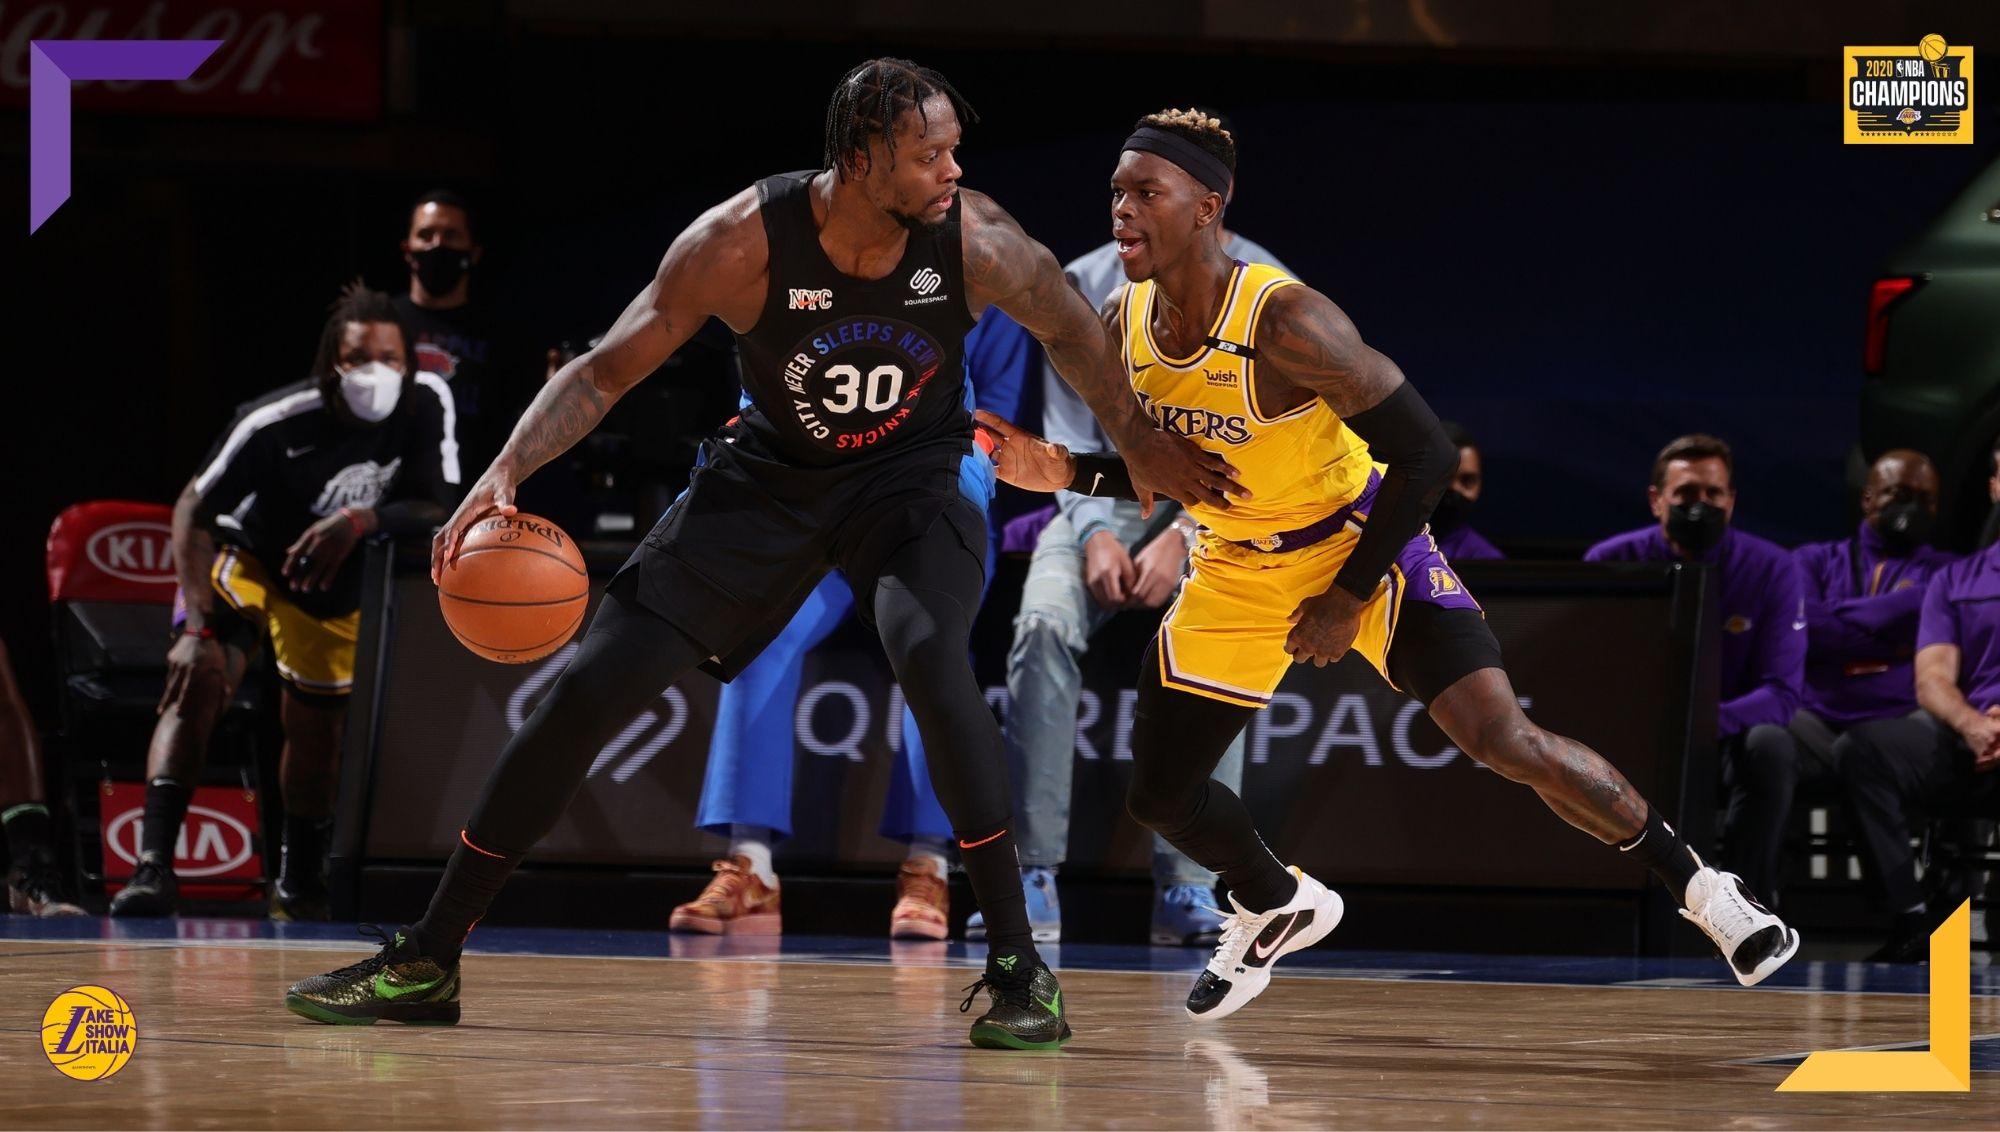 Dopo un discreto inizio, i Los Angeles Lakers crollano e vengono battuti dai New York Knicks. Una marea di perse per Schröder e compagni.